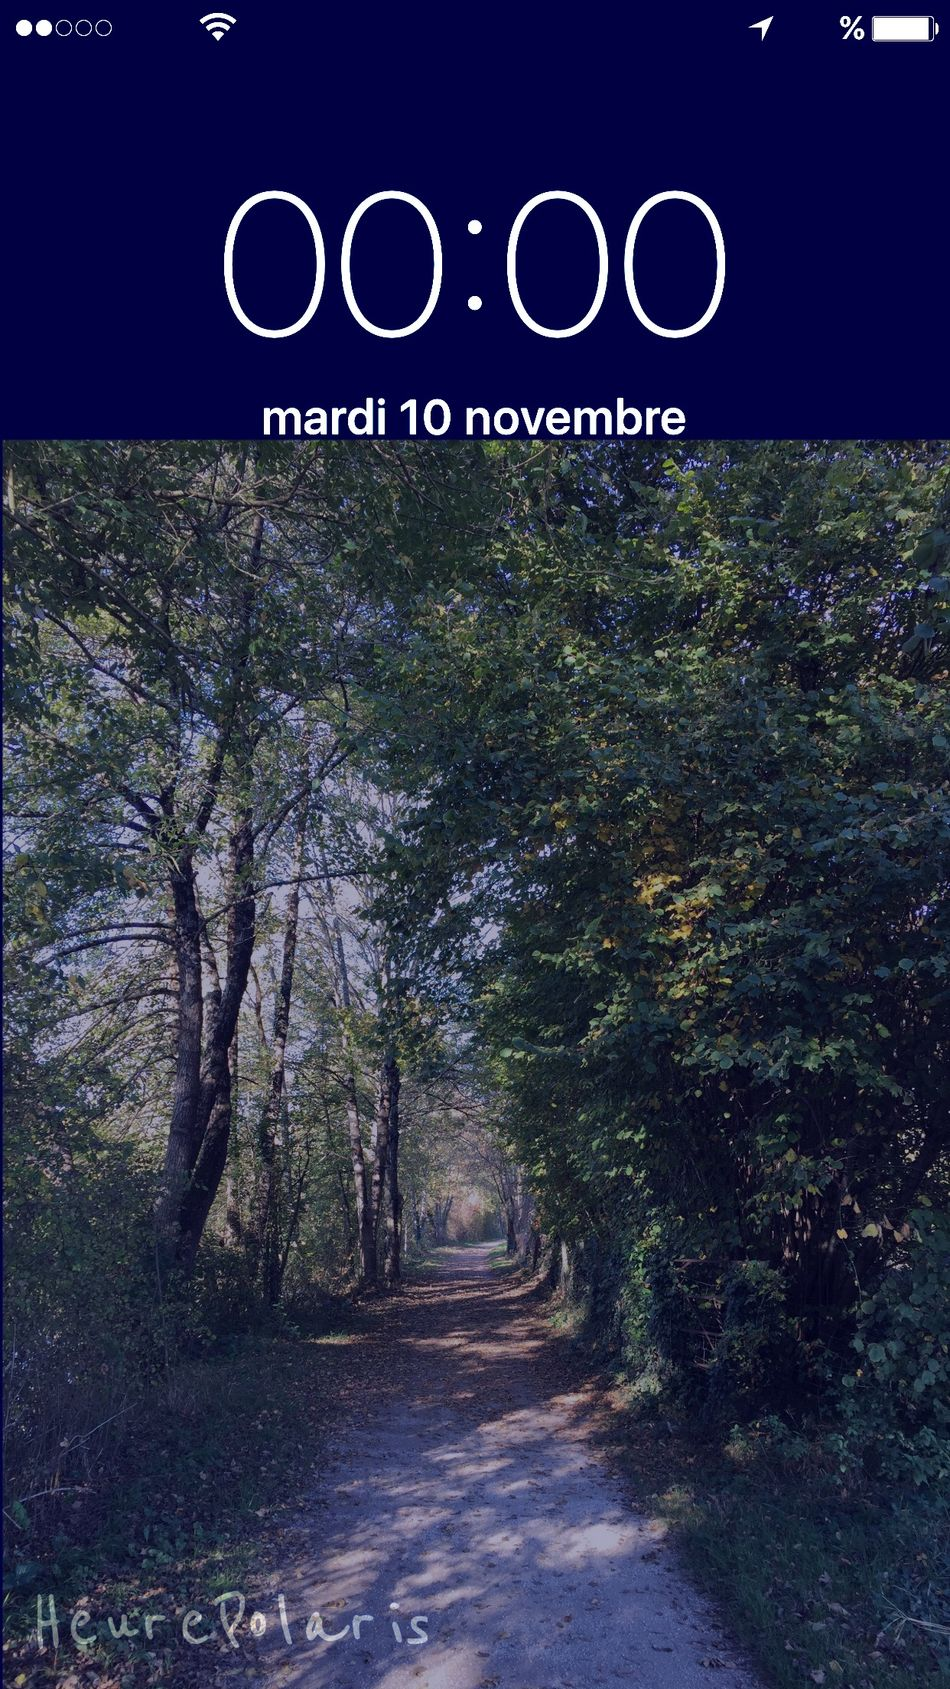 00H00 sur le chemin HEURE POLARIS Bonne Nuit Goodnight Hour Time Heure Sur Les Chemins